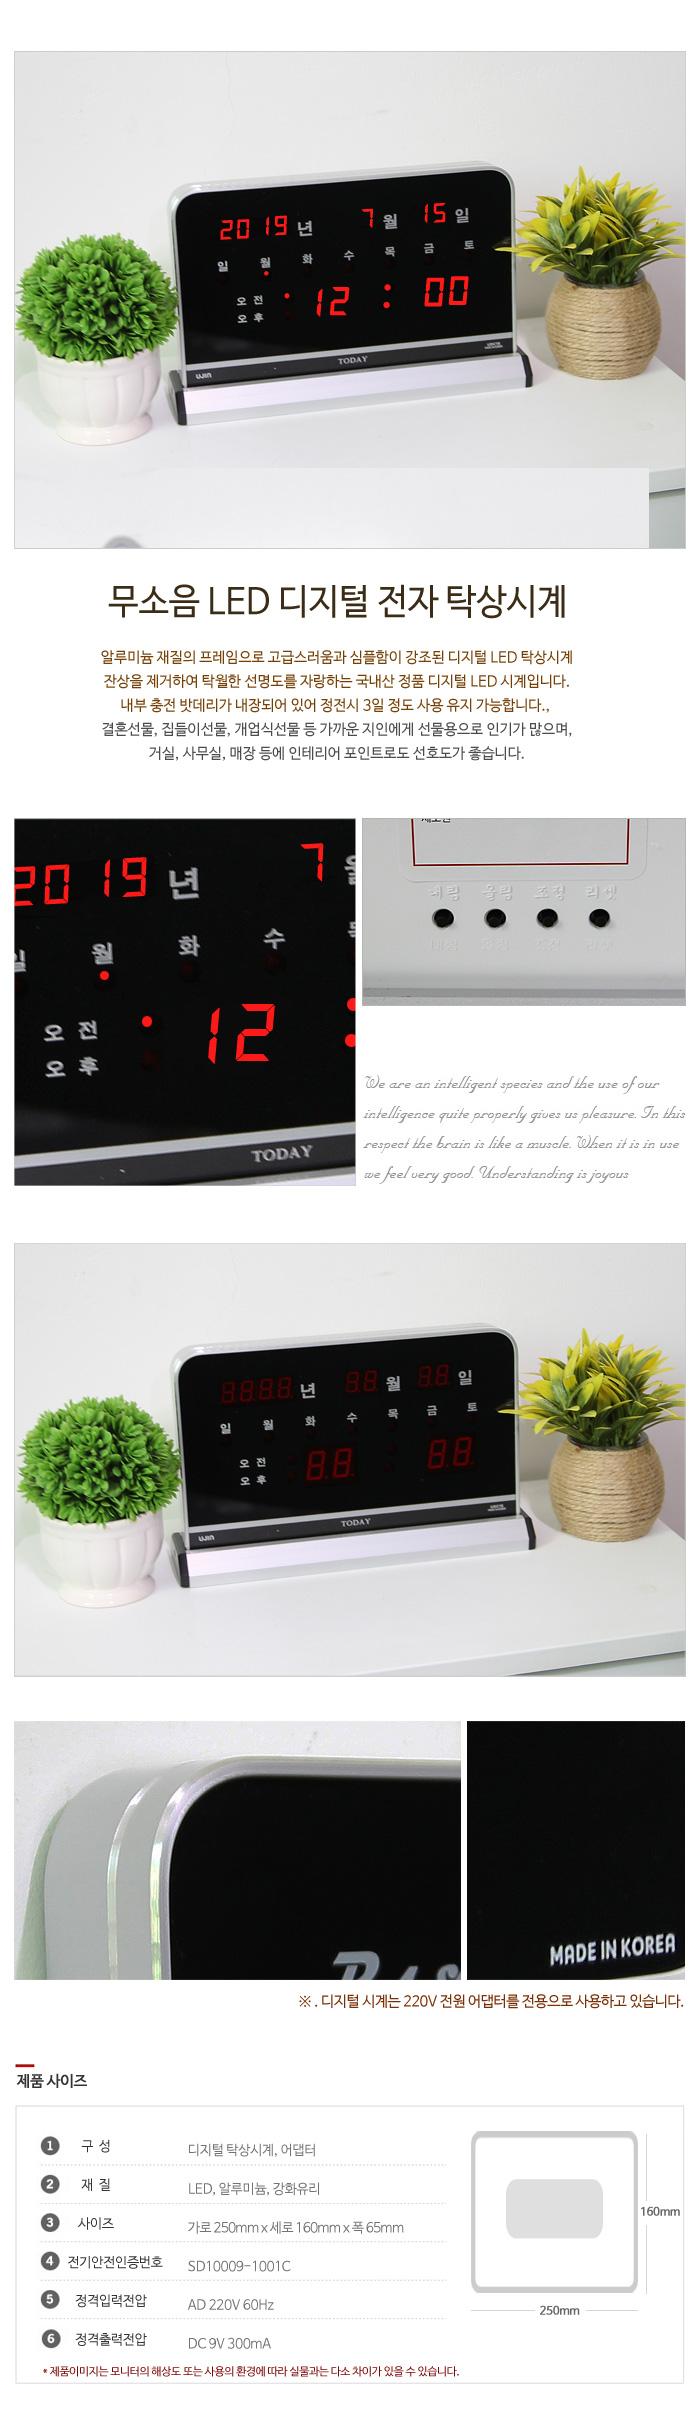 무소음 LED 디지털 탁상시계 SDY-101R (년월일 요일 시분) - 선도아트, 51,300원, 벽시계, LED/디지털벽시계